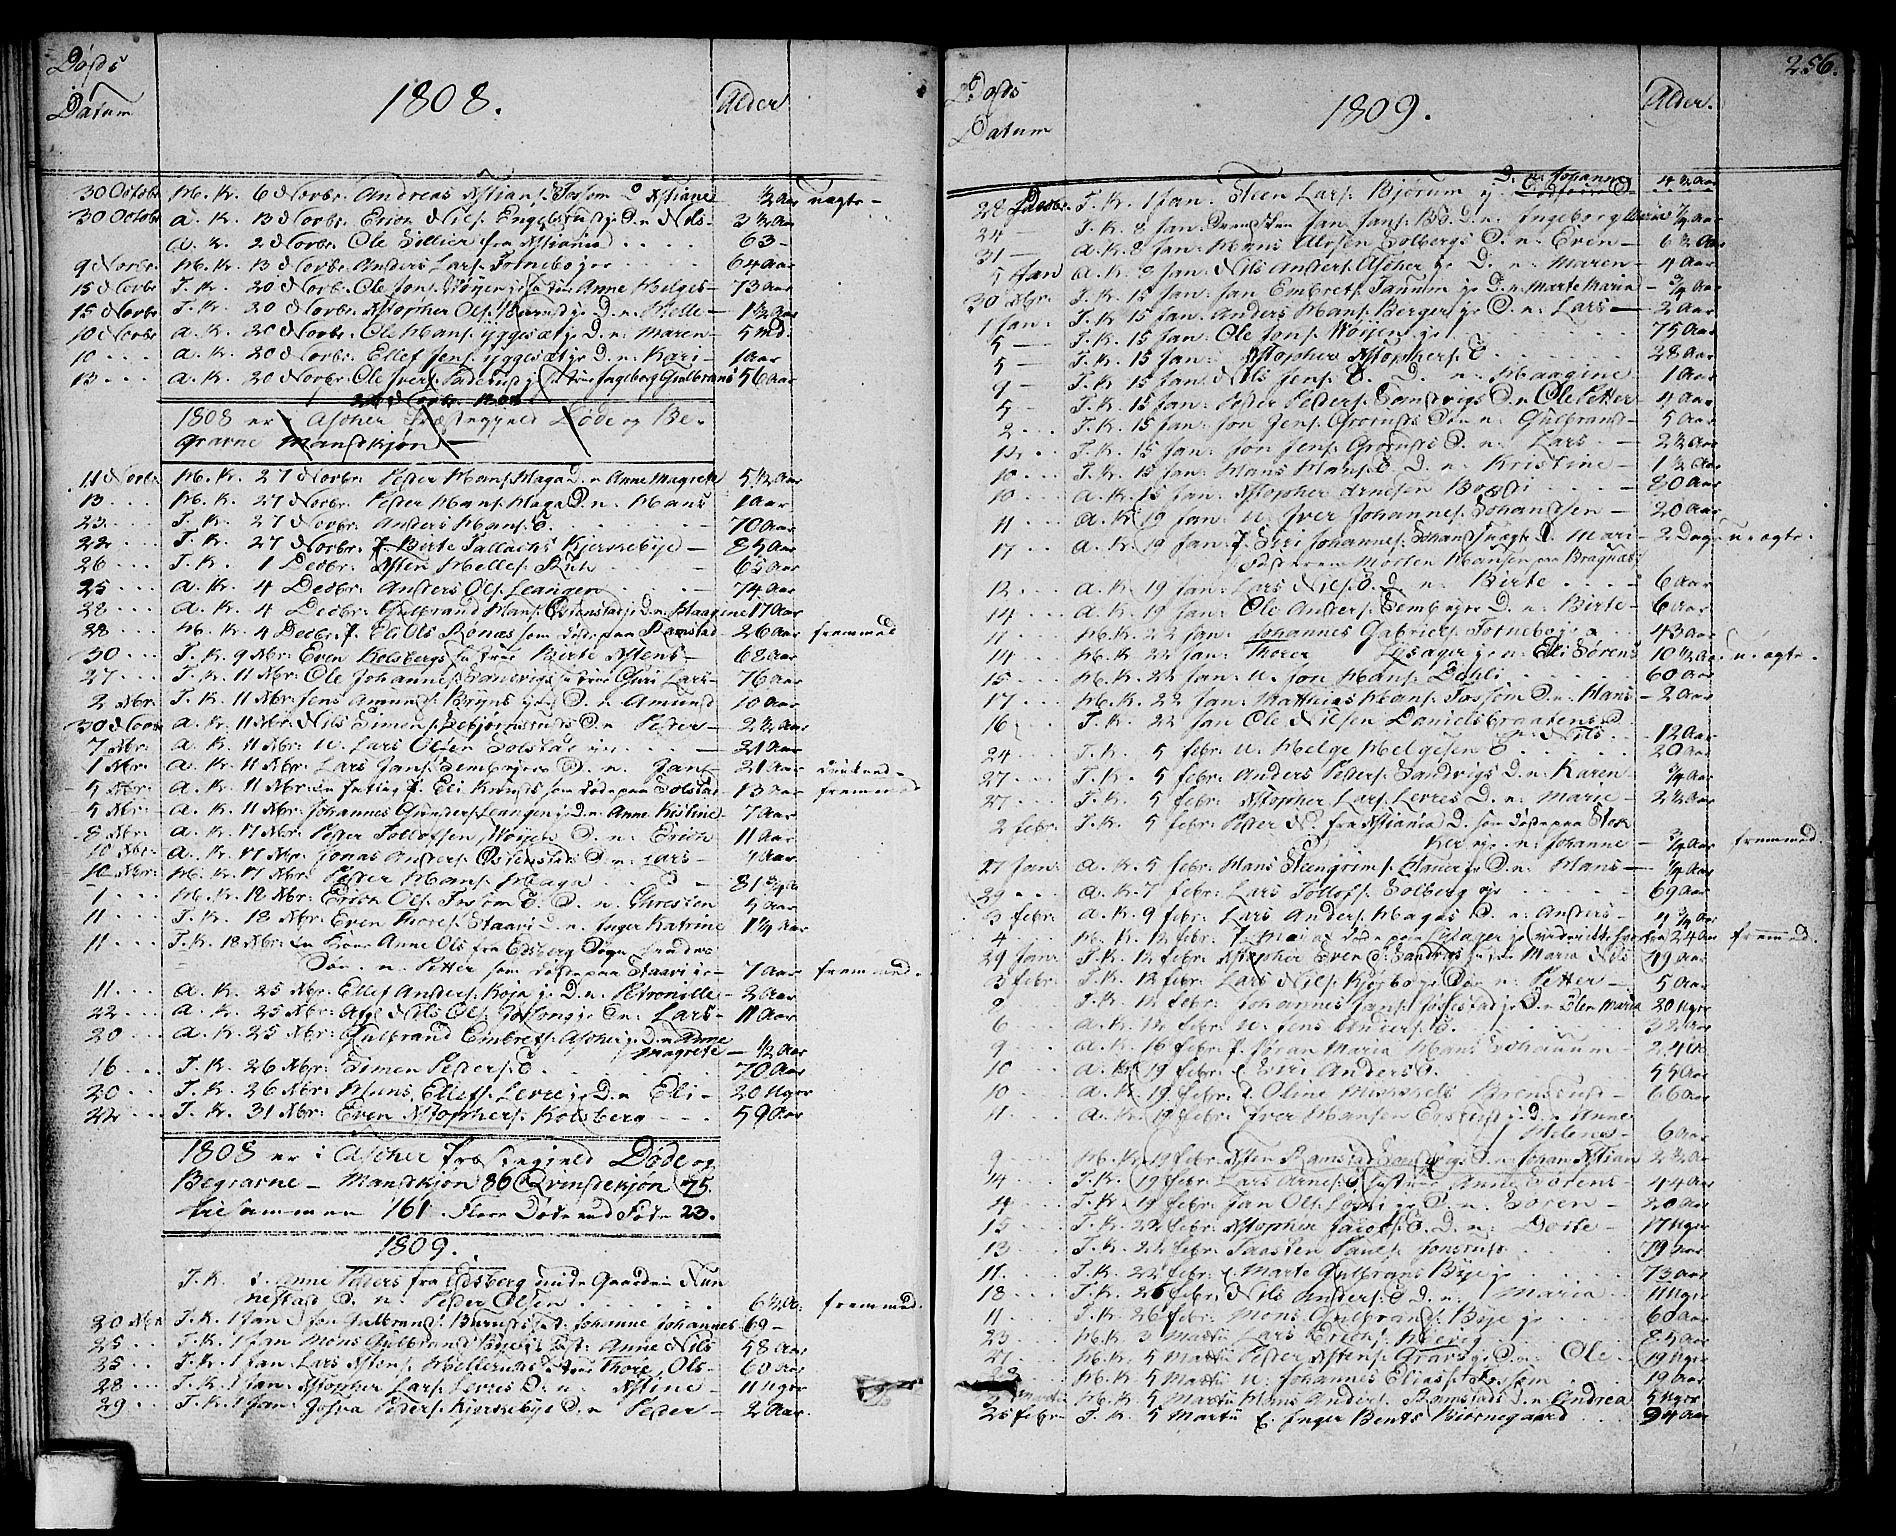 SAO, Asker prestekontor Kirkebøker, F/Fa/L0005: Ministerialbok nr. I 5, 1807-1813, s. 256